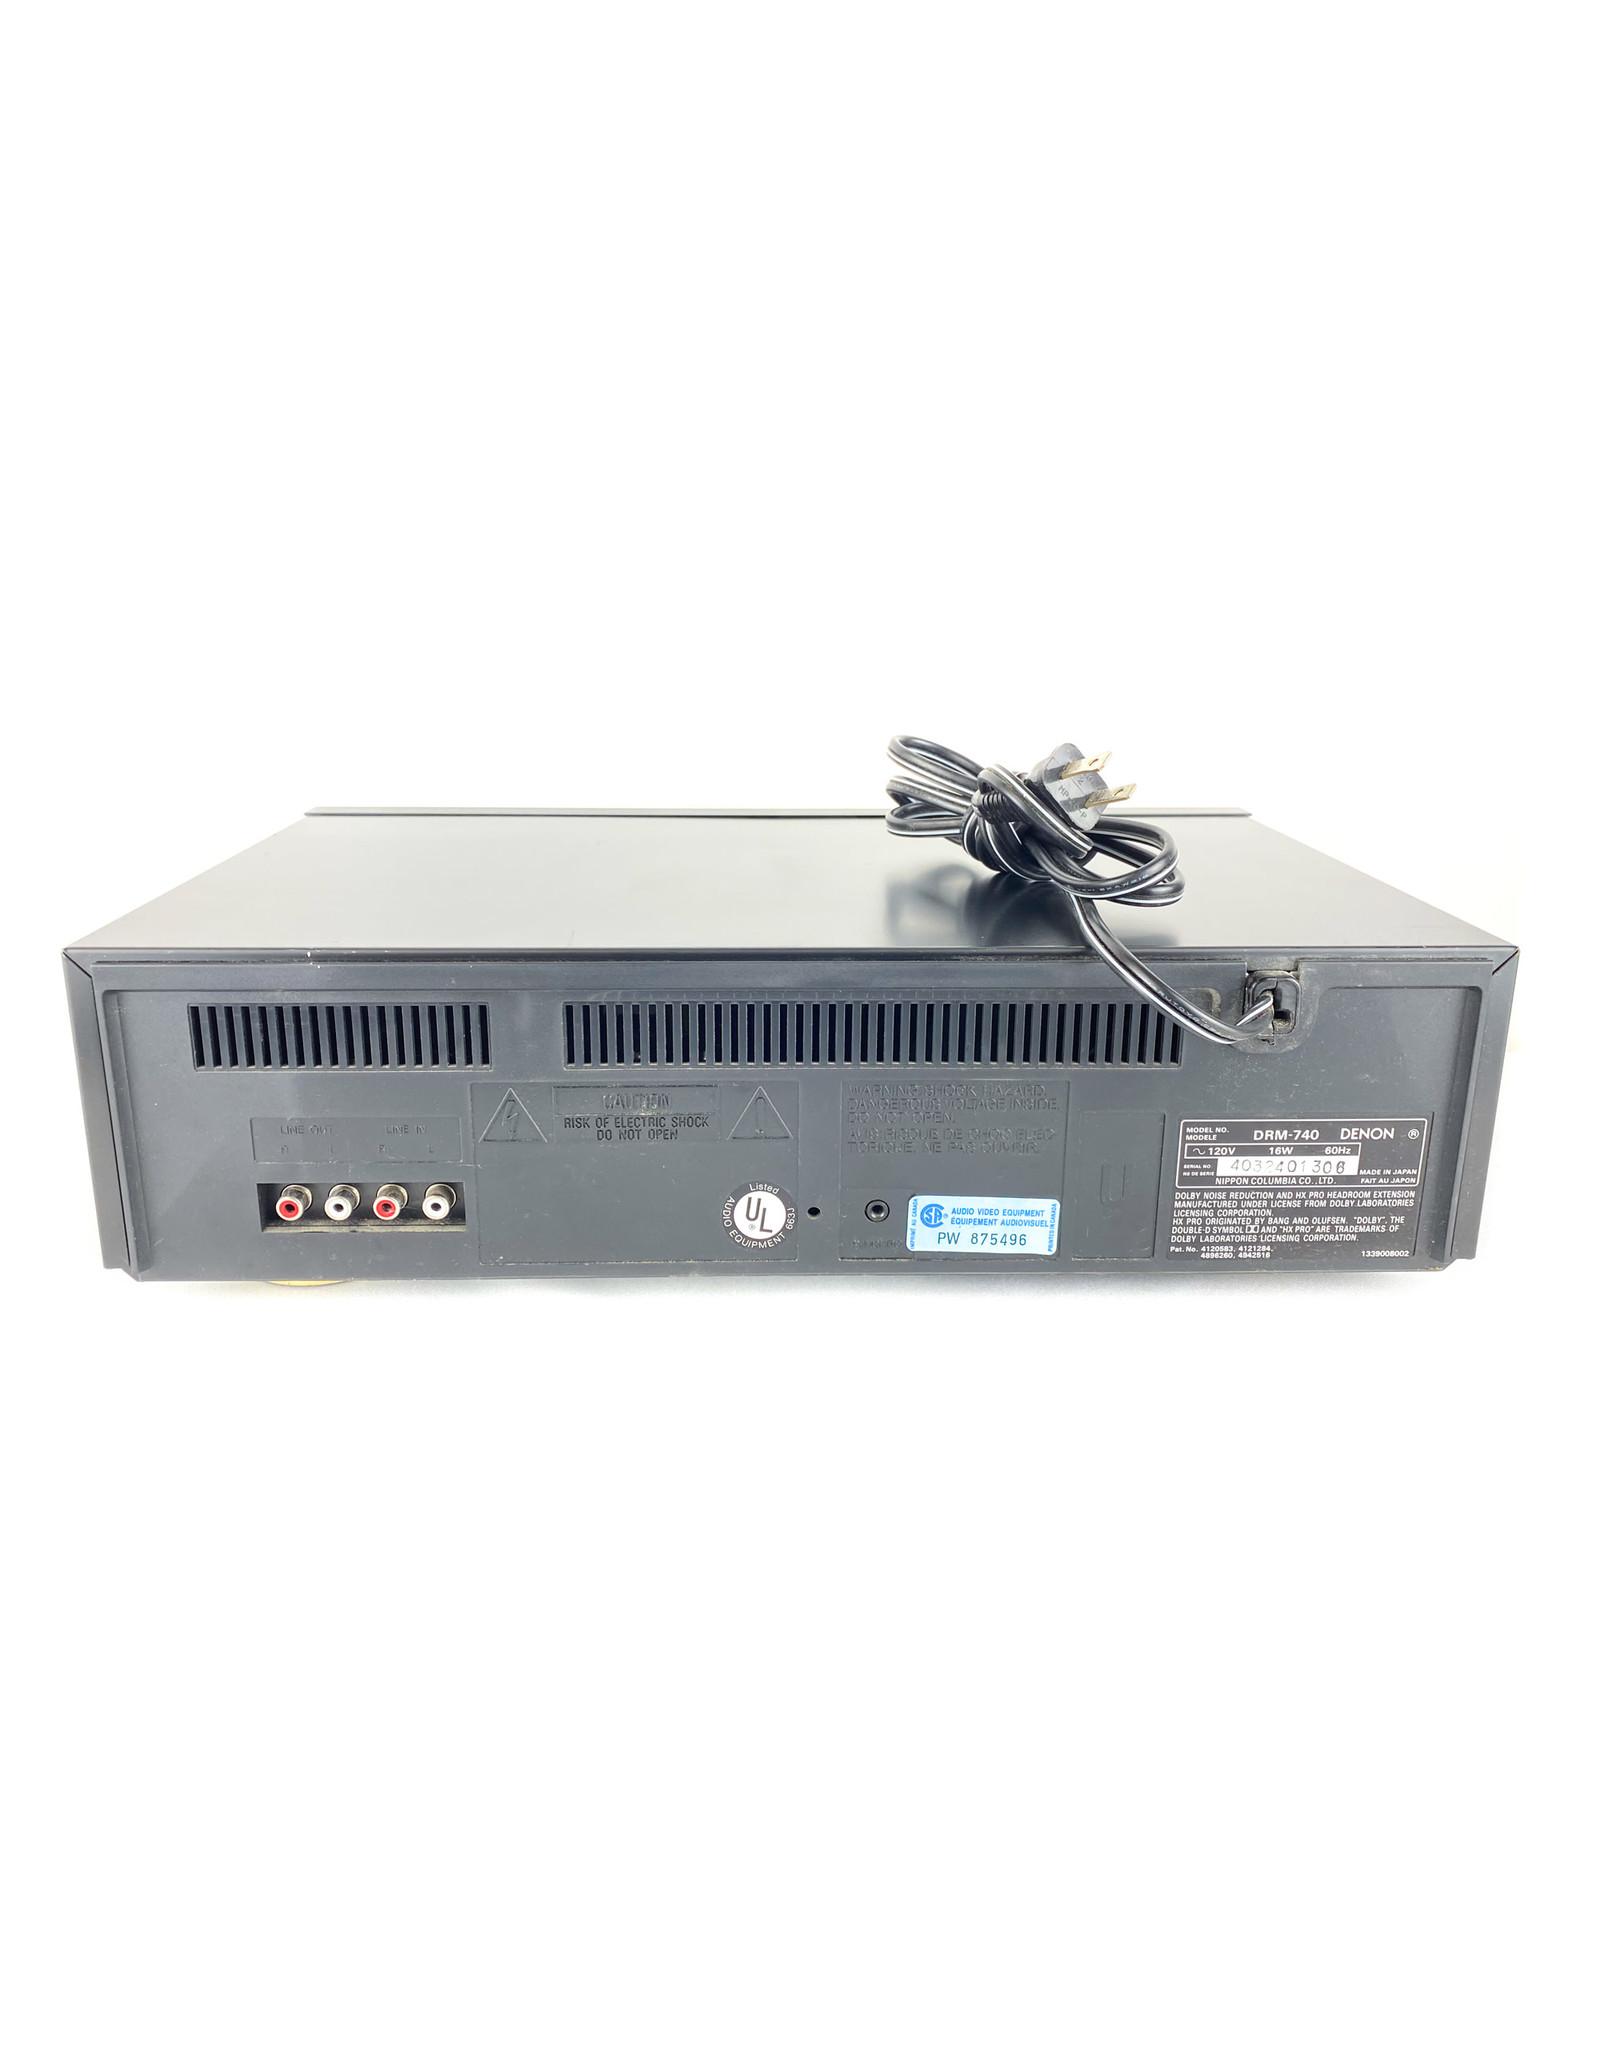 Denon Denon DRM-740 Cassette Deck USED